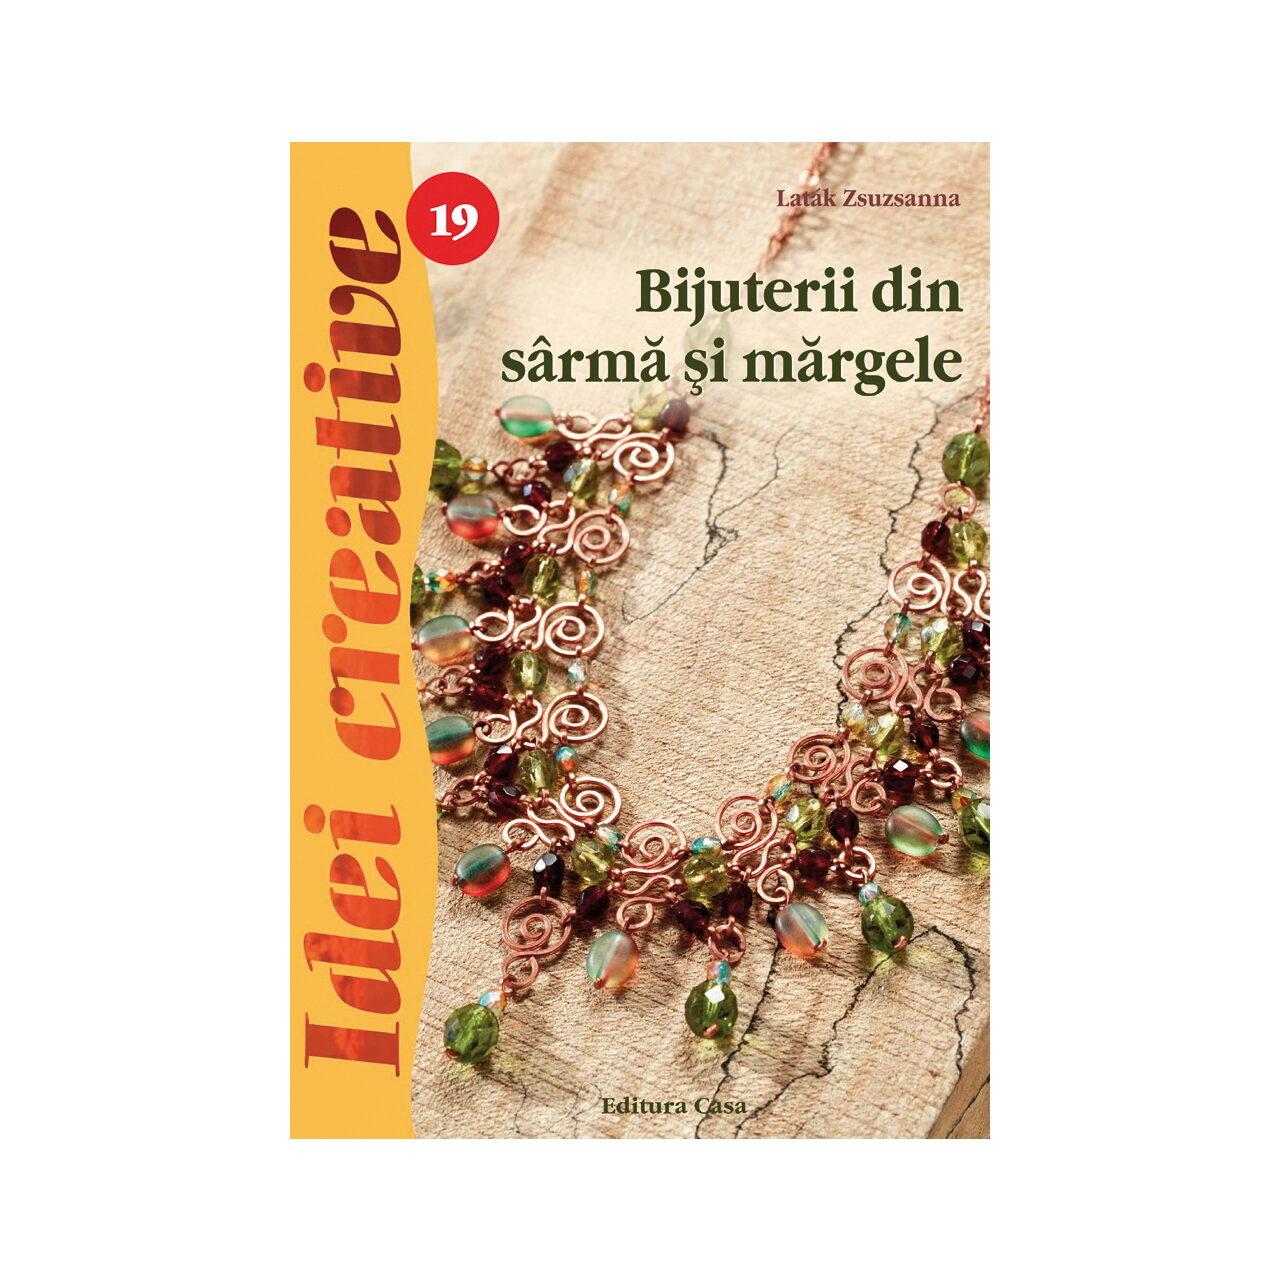 Bijuterii din sârmă şi mărgele, Ed. a III a - Idei creative 19 imagine edituracasa.ro